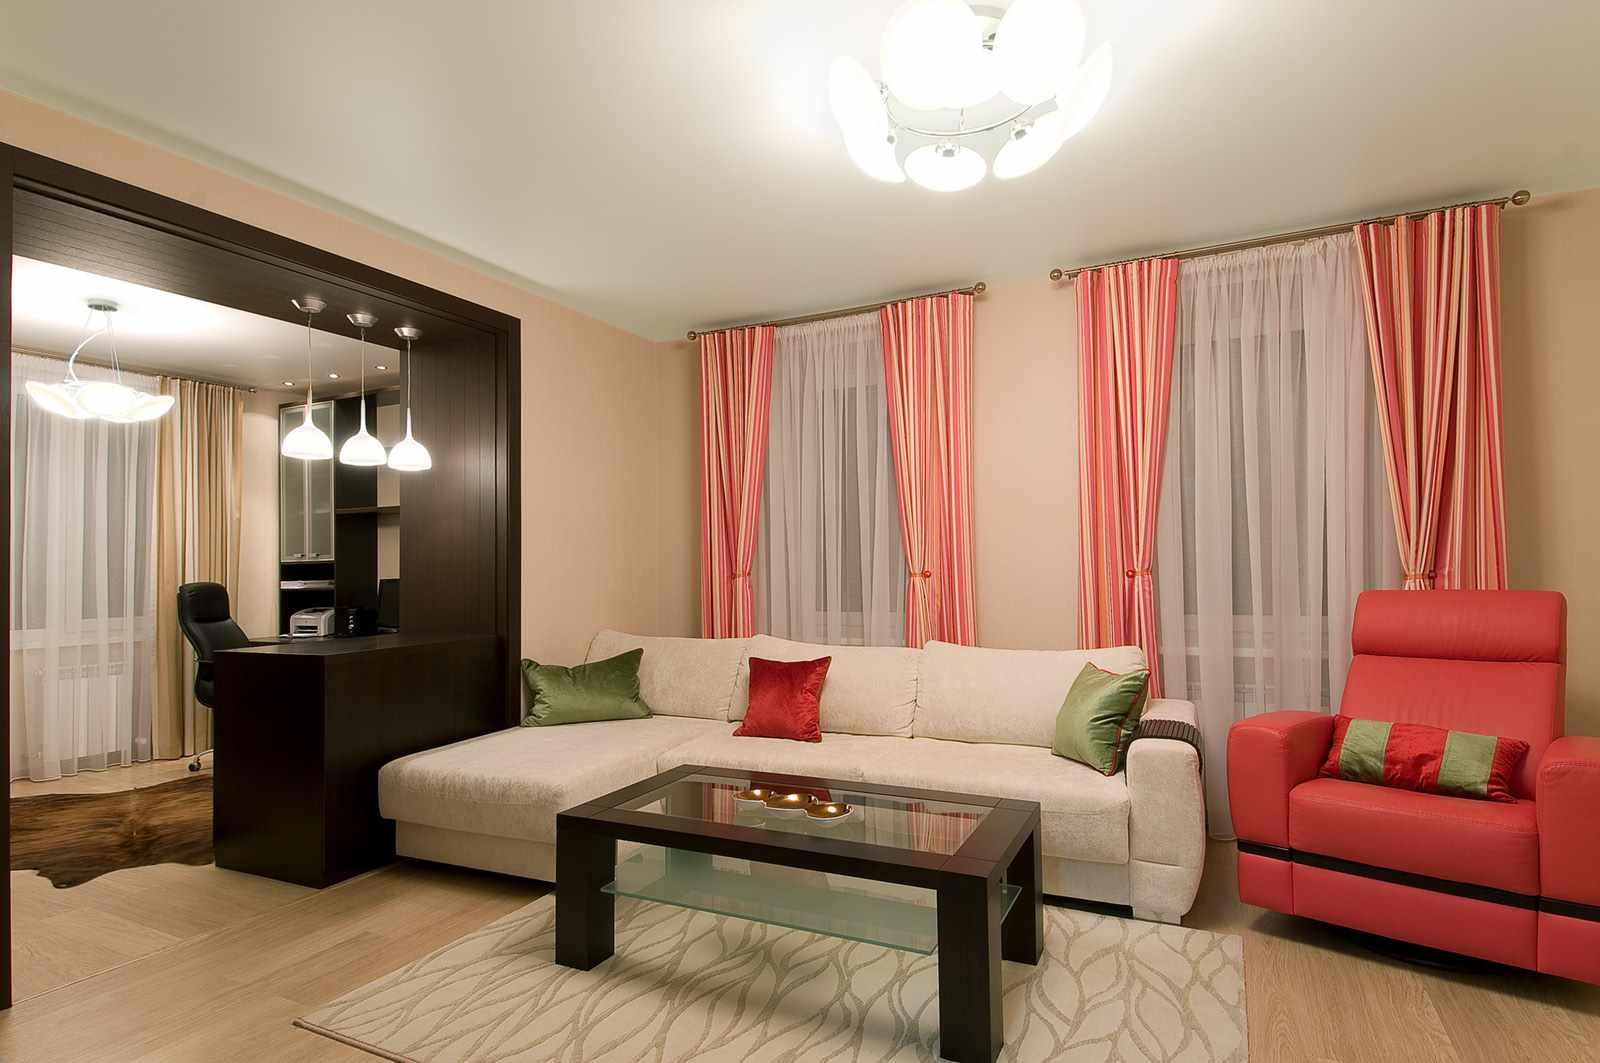 Một ví dụ về nội thất đẹp của phòng khách 19-20 m2